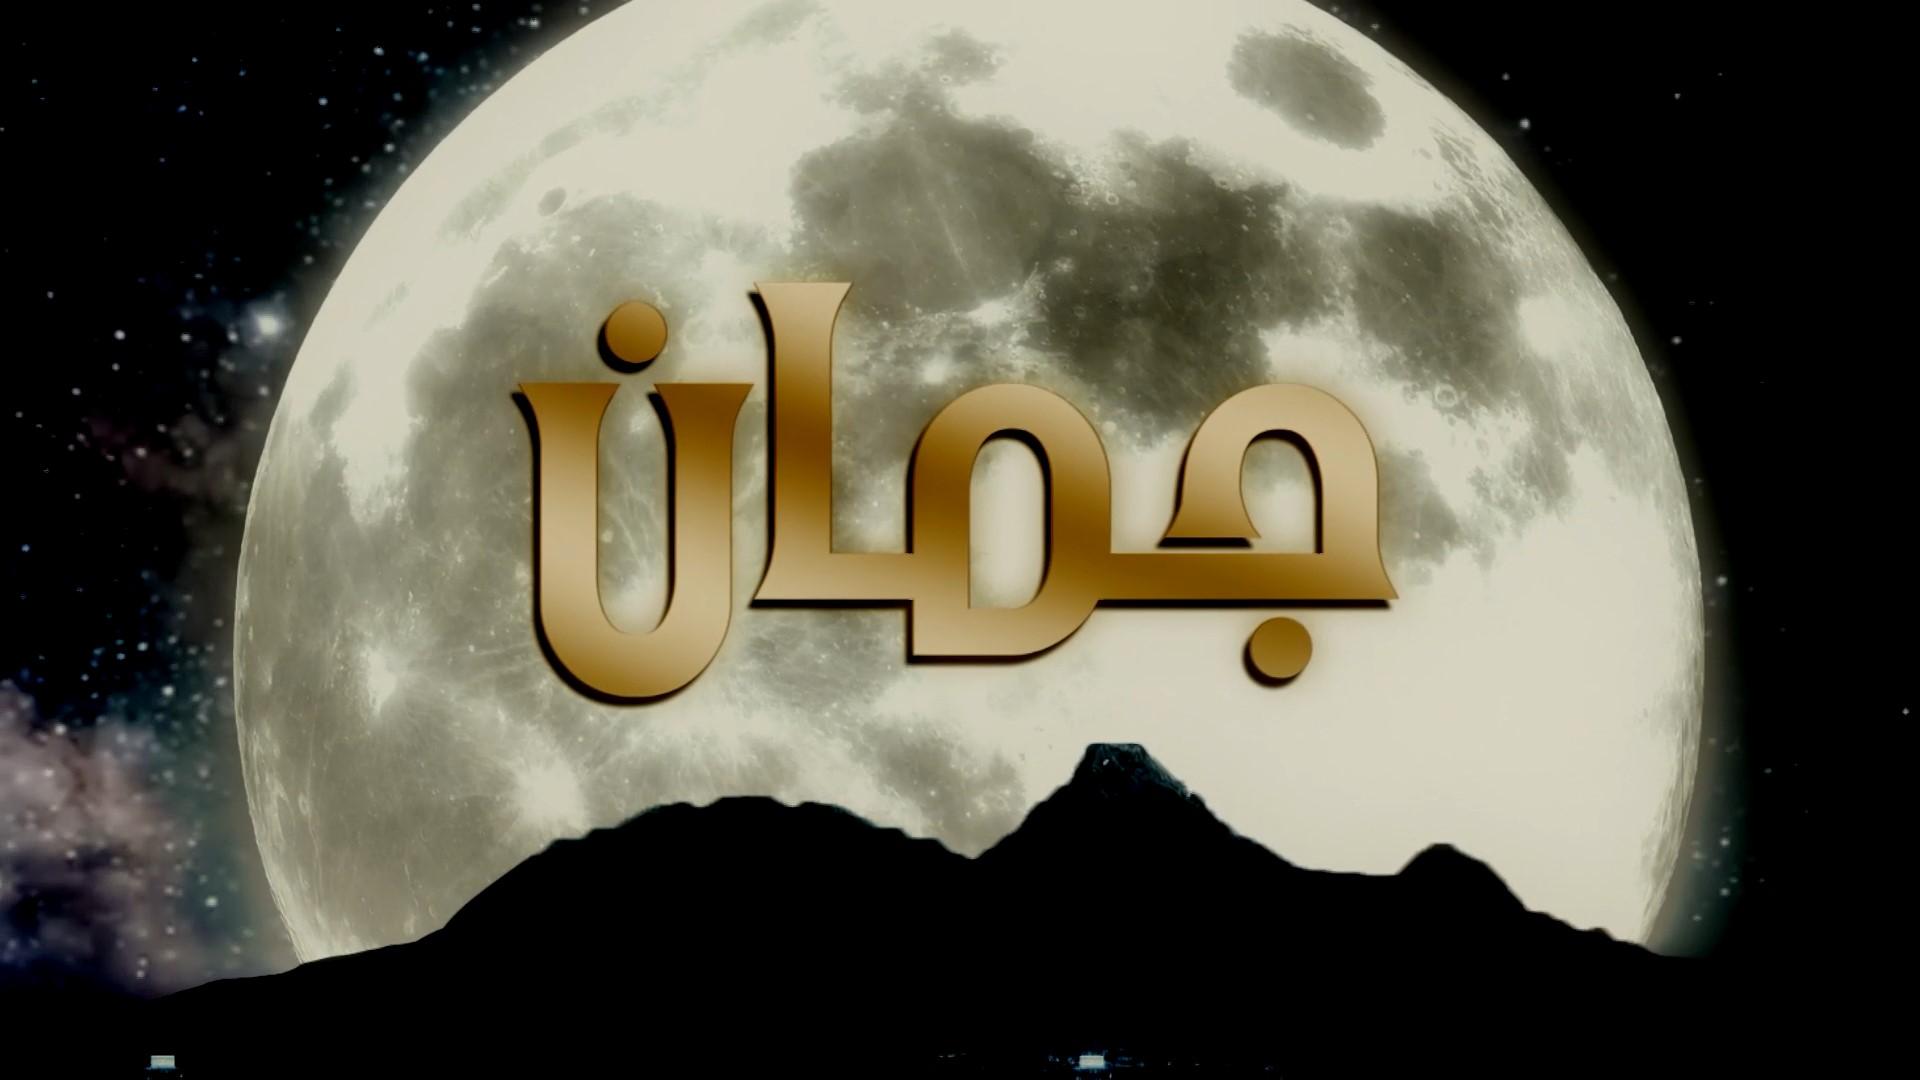 جمان [ح1 الى ح10] 1080p تحميل تورنت 3 arabp2p.com